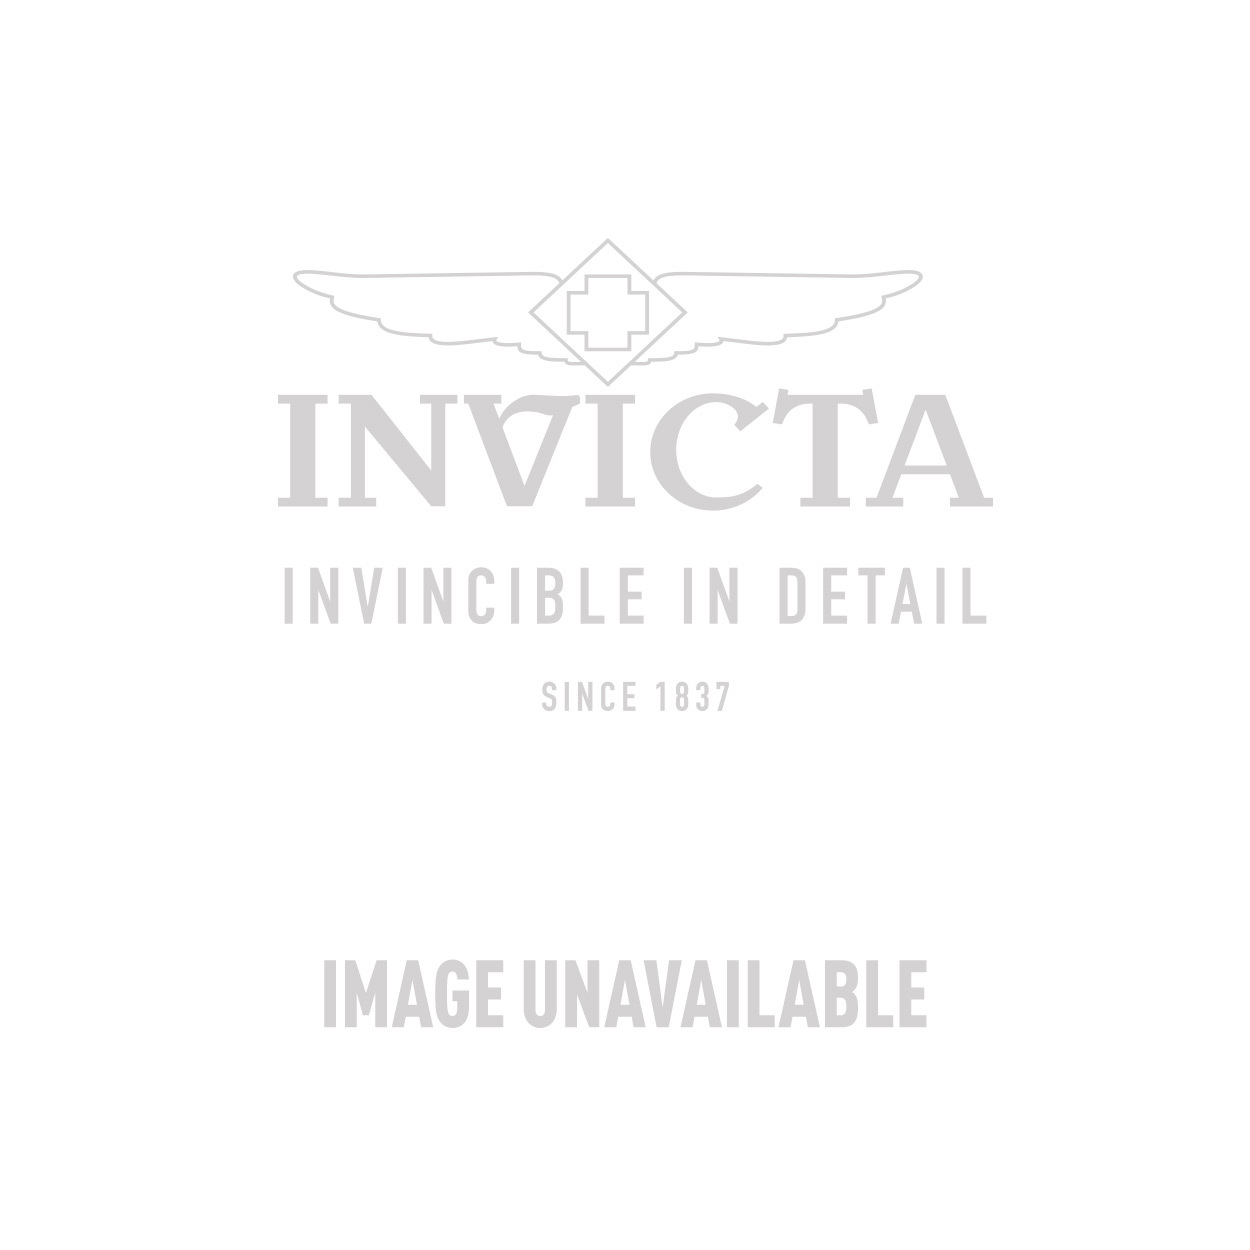 Invicta Model 28878